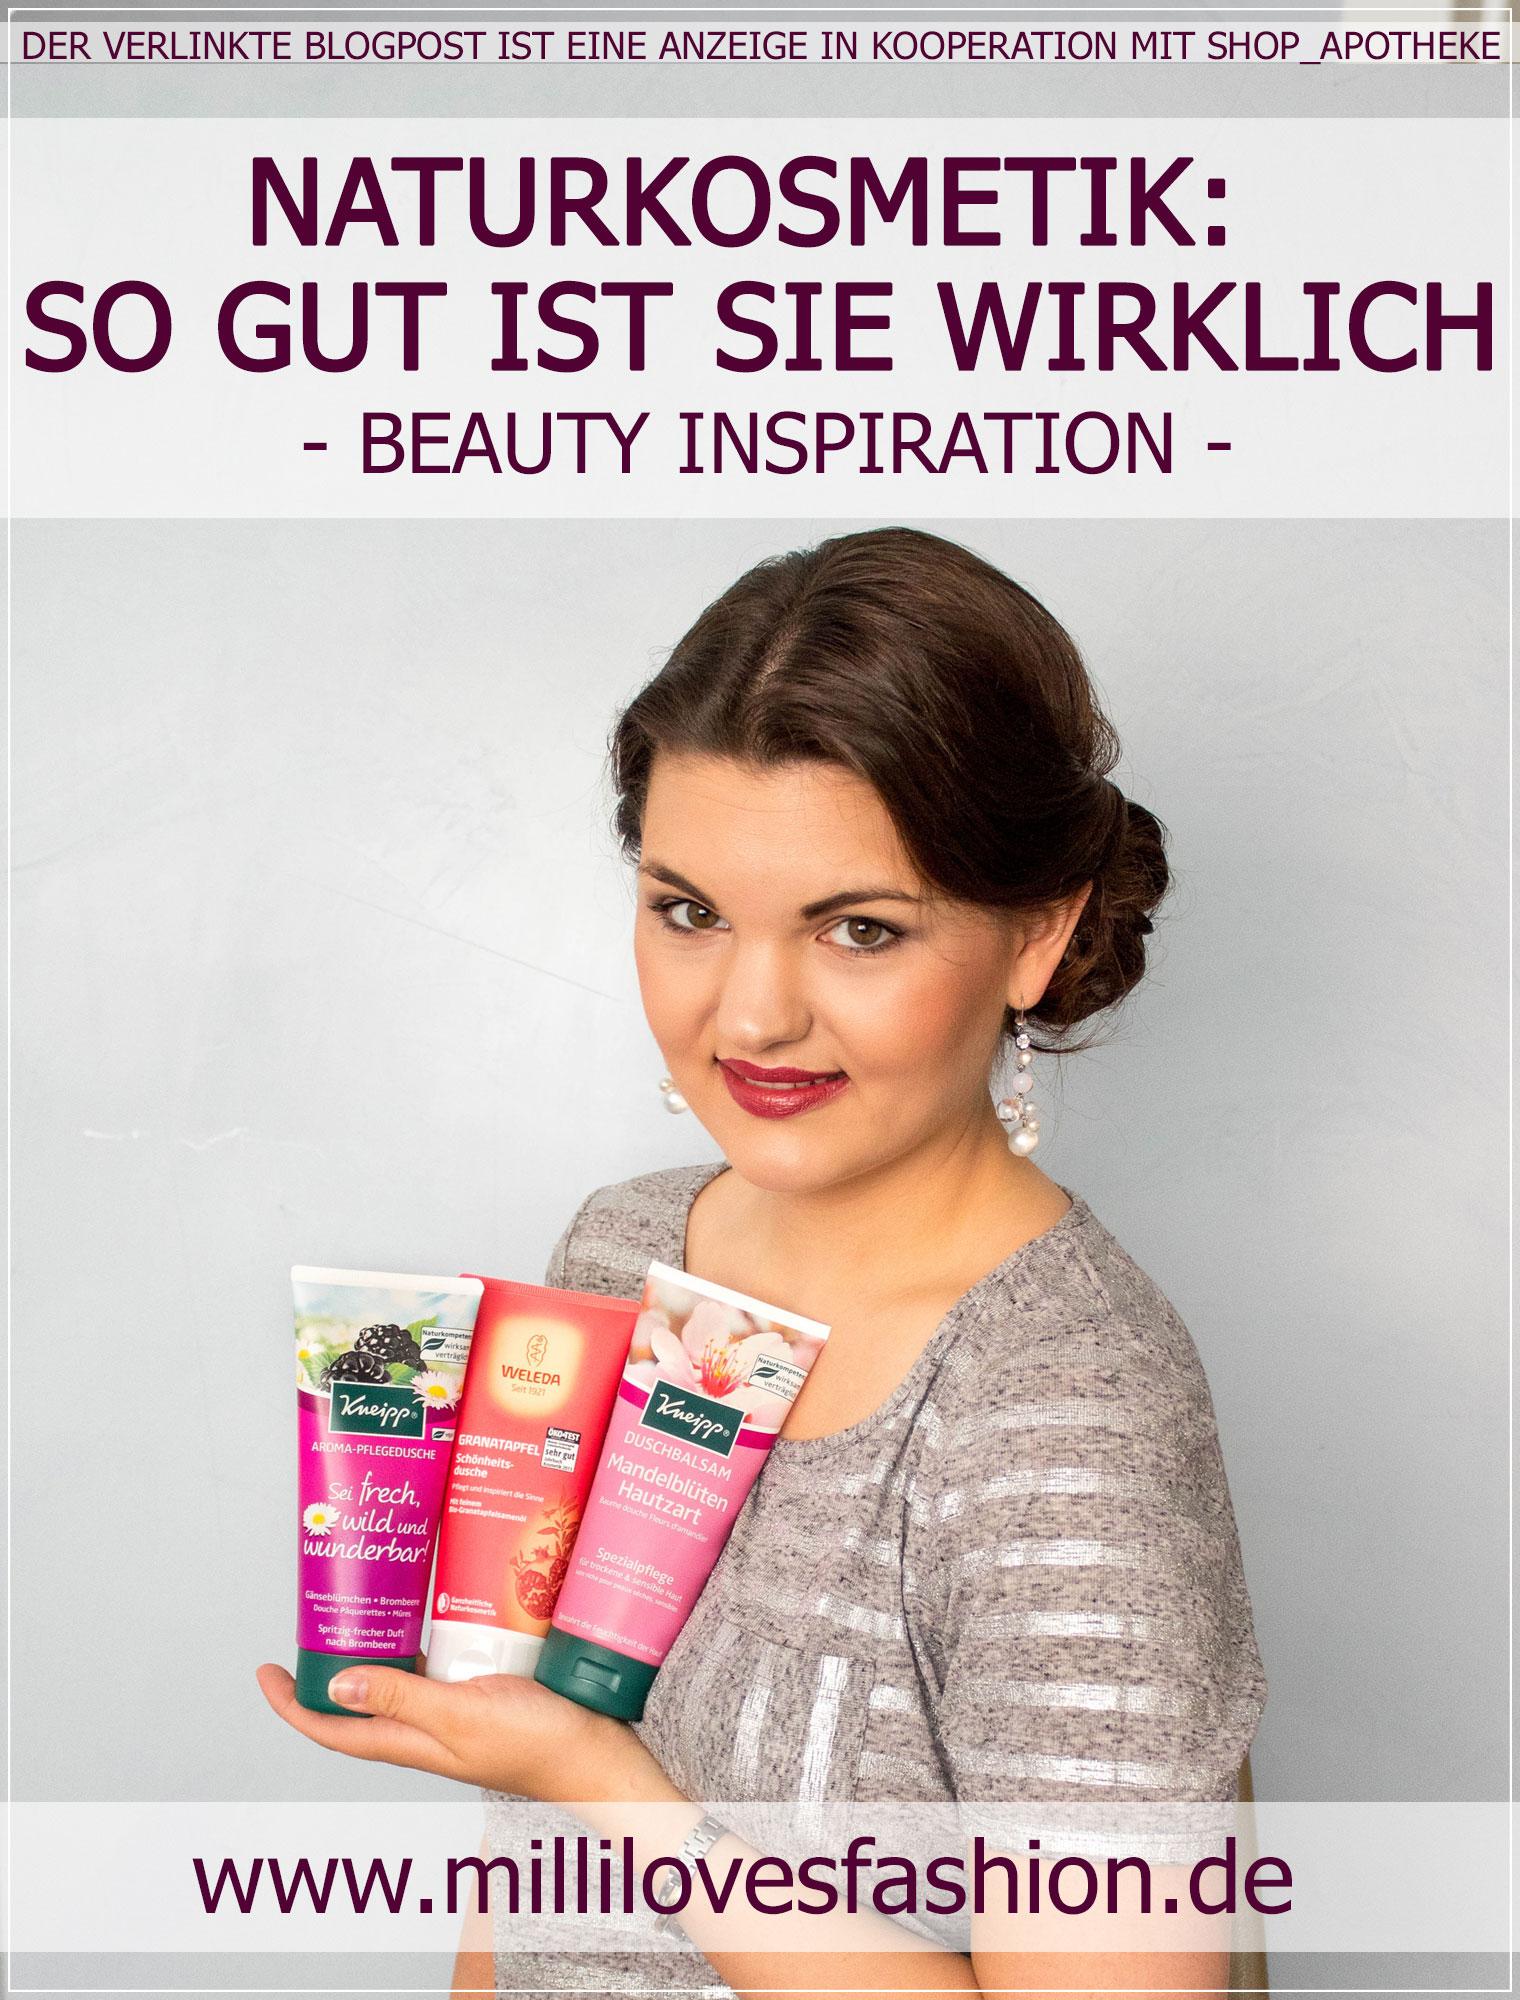 Naturkosmetik, Beautyblogger, Kosmetik, Ruhrgebiet, natürliche Inhaltsstoffe, Naturprodukte, vegane Kosmetik, Naturkosmetiksiegel, Beautyblog